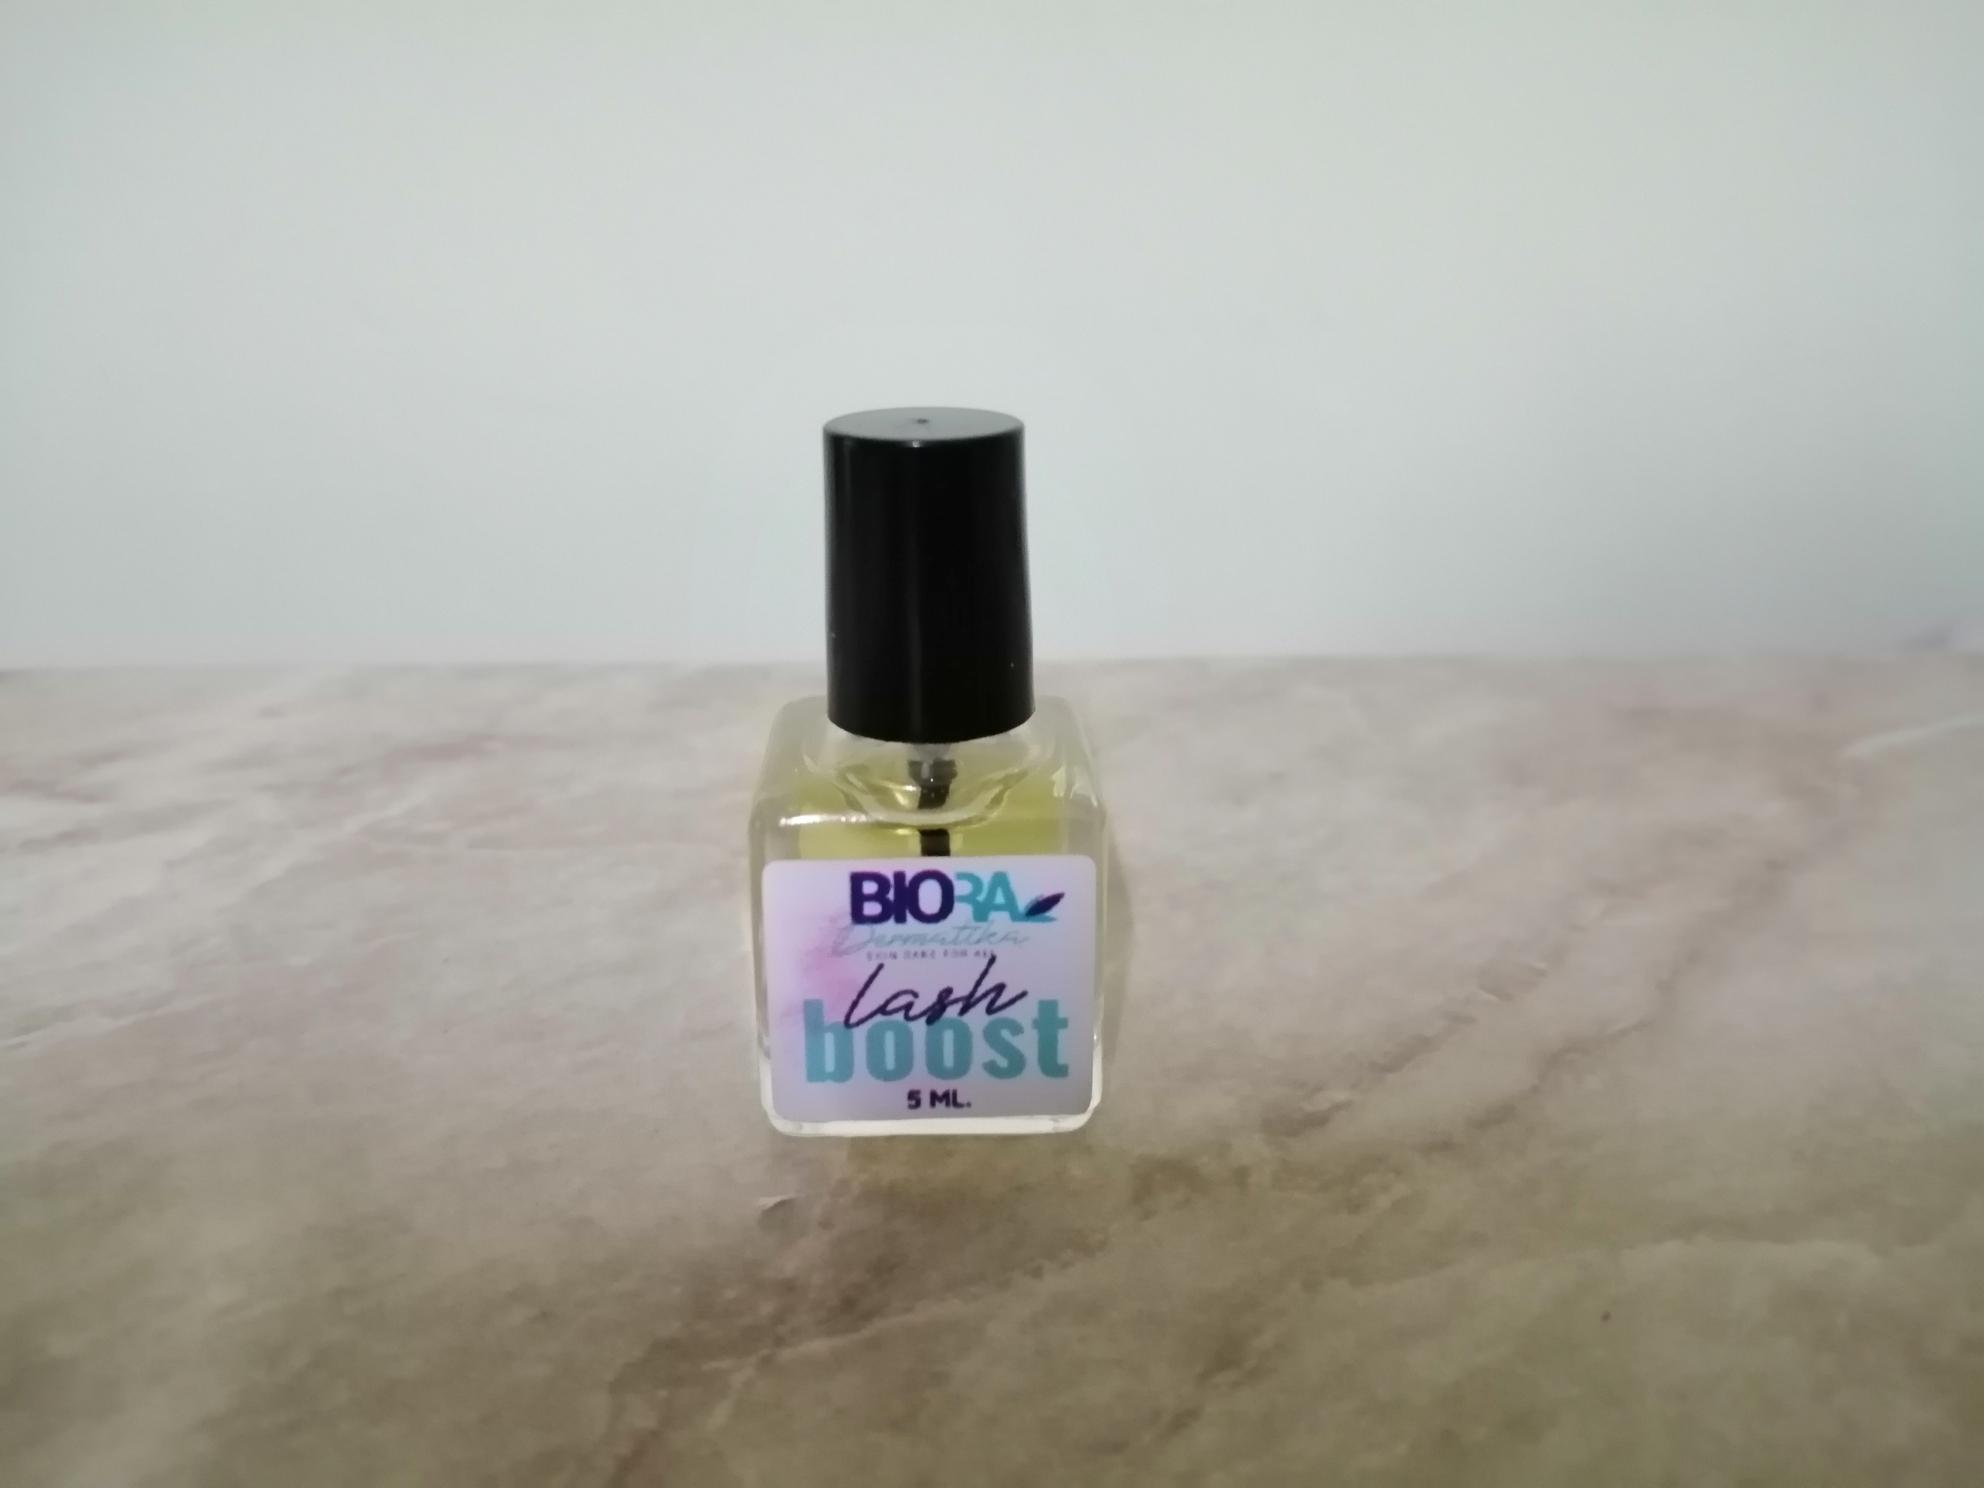 Biora Dermatika - Serum Lash Boost 5ml